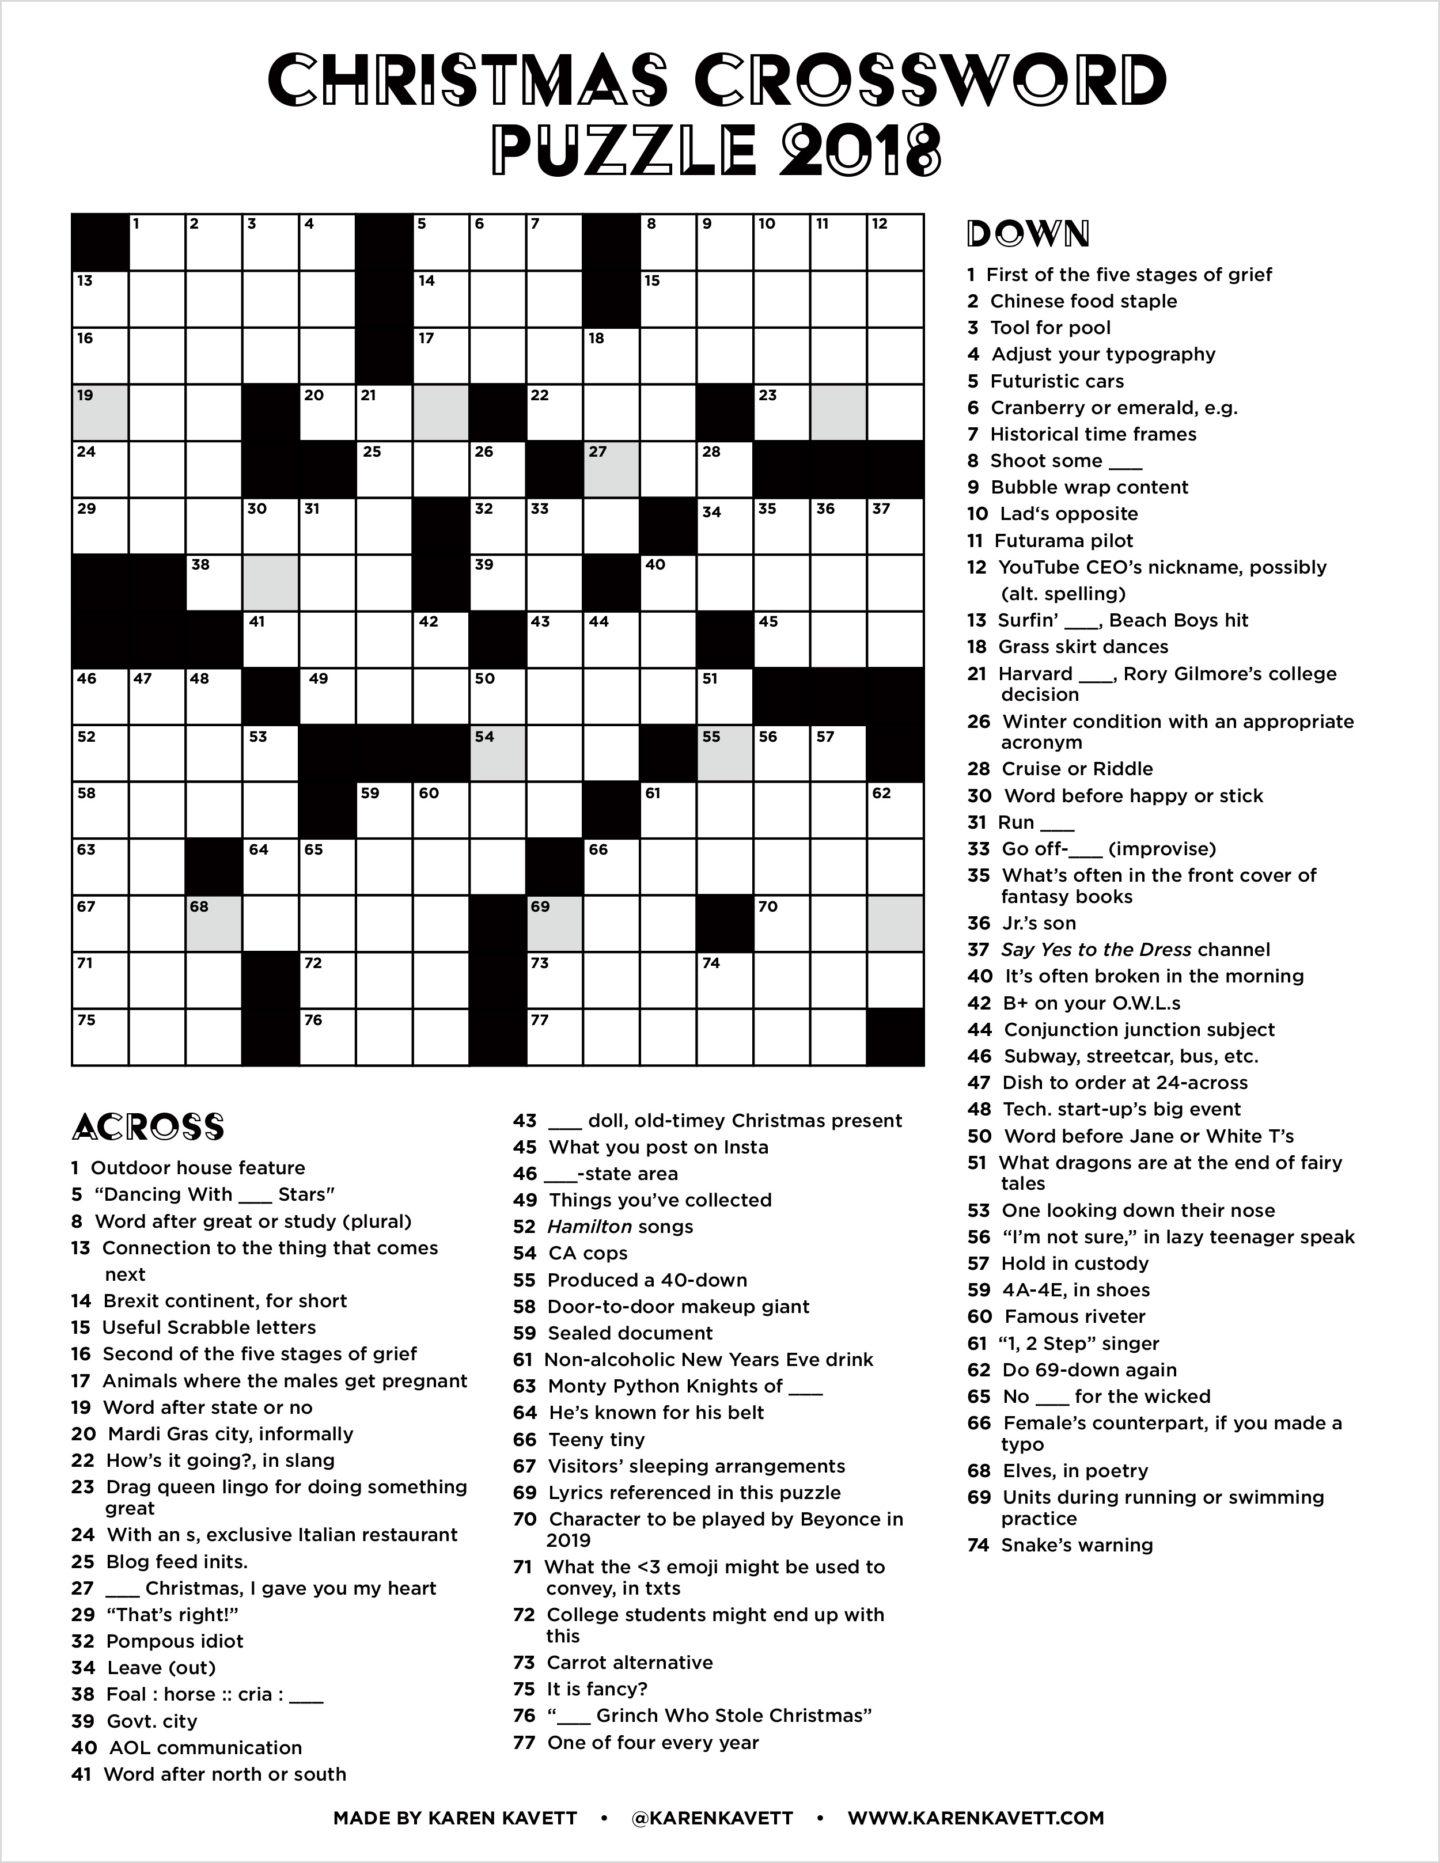 Christmas Crossword Puzzle 2018 Karen Kavett